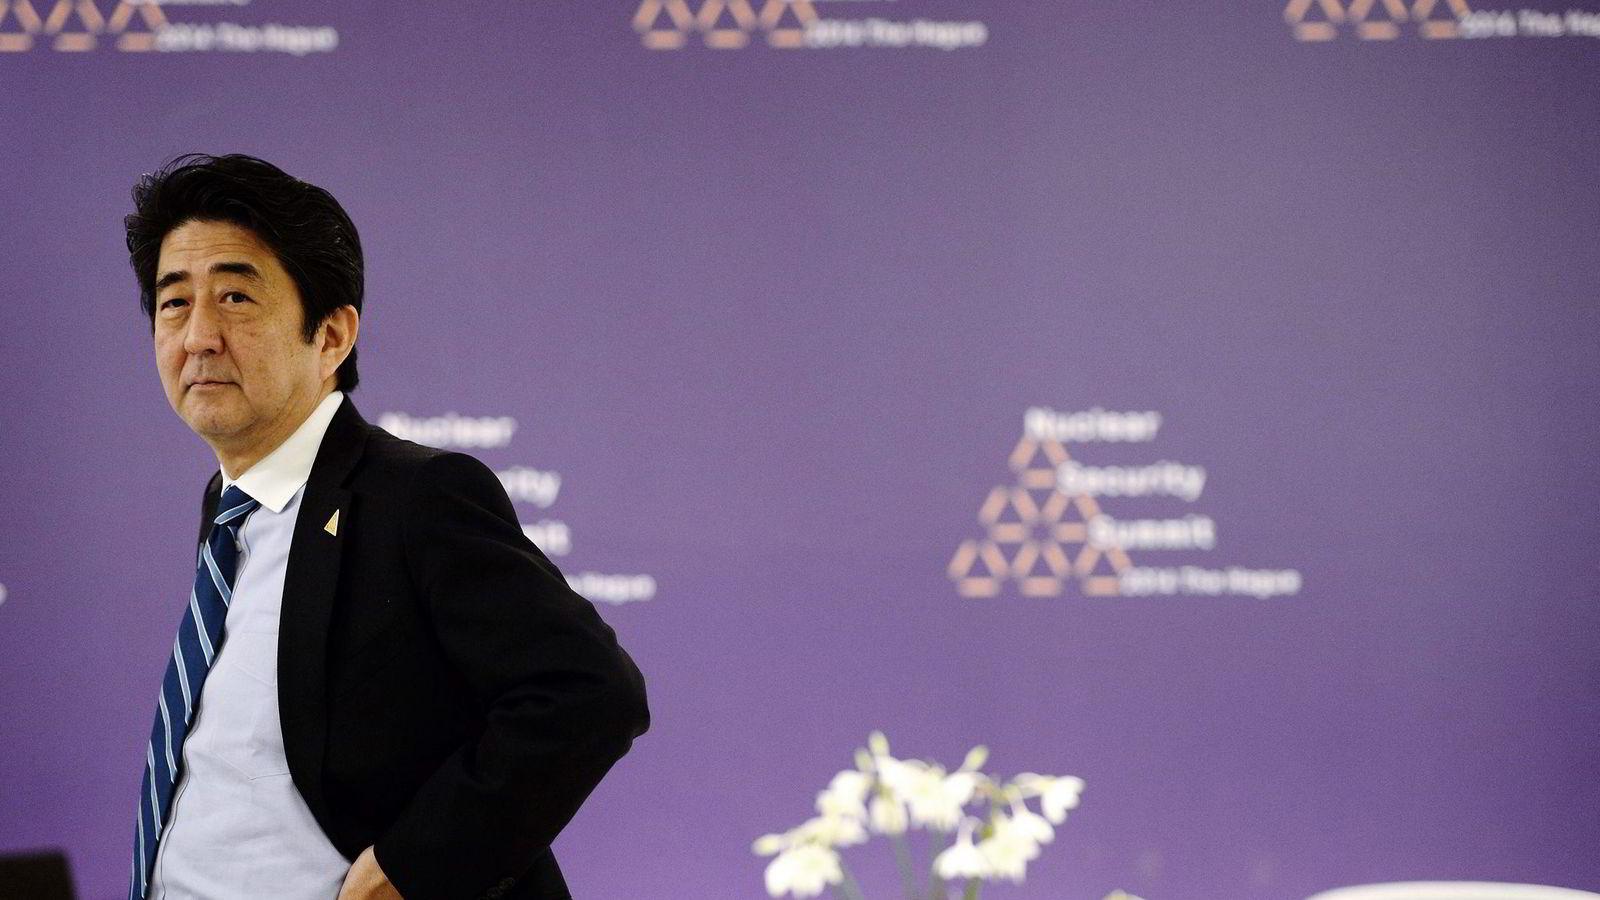 TJENER LITE. Japans statsminister Shinzo Abe har nedsatt en kommisjon som skal finne ut hvordan landets pensjonsfond kan øke avkastningen. Foto: Patrik Stollarz, AFP/NTB Scanpix